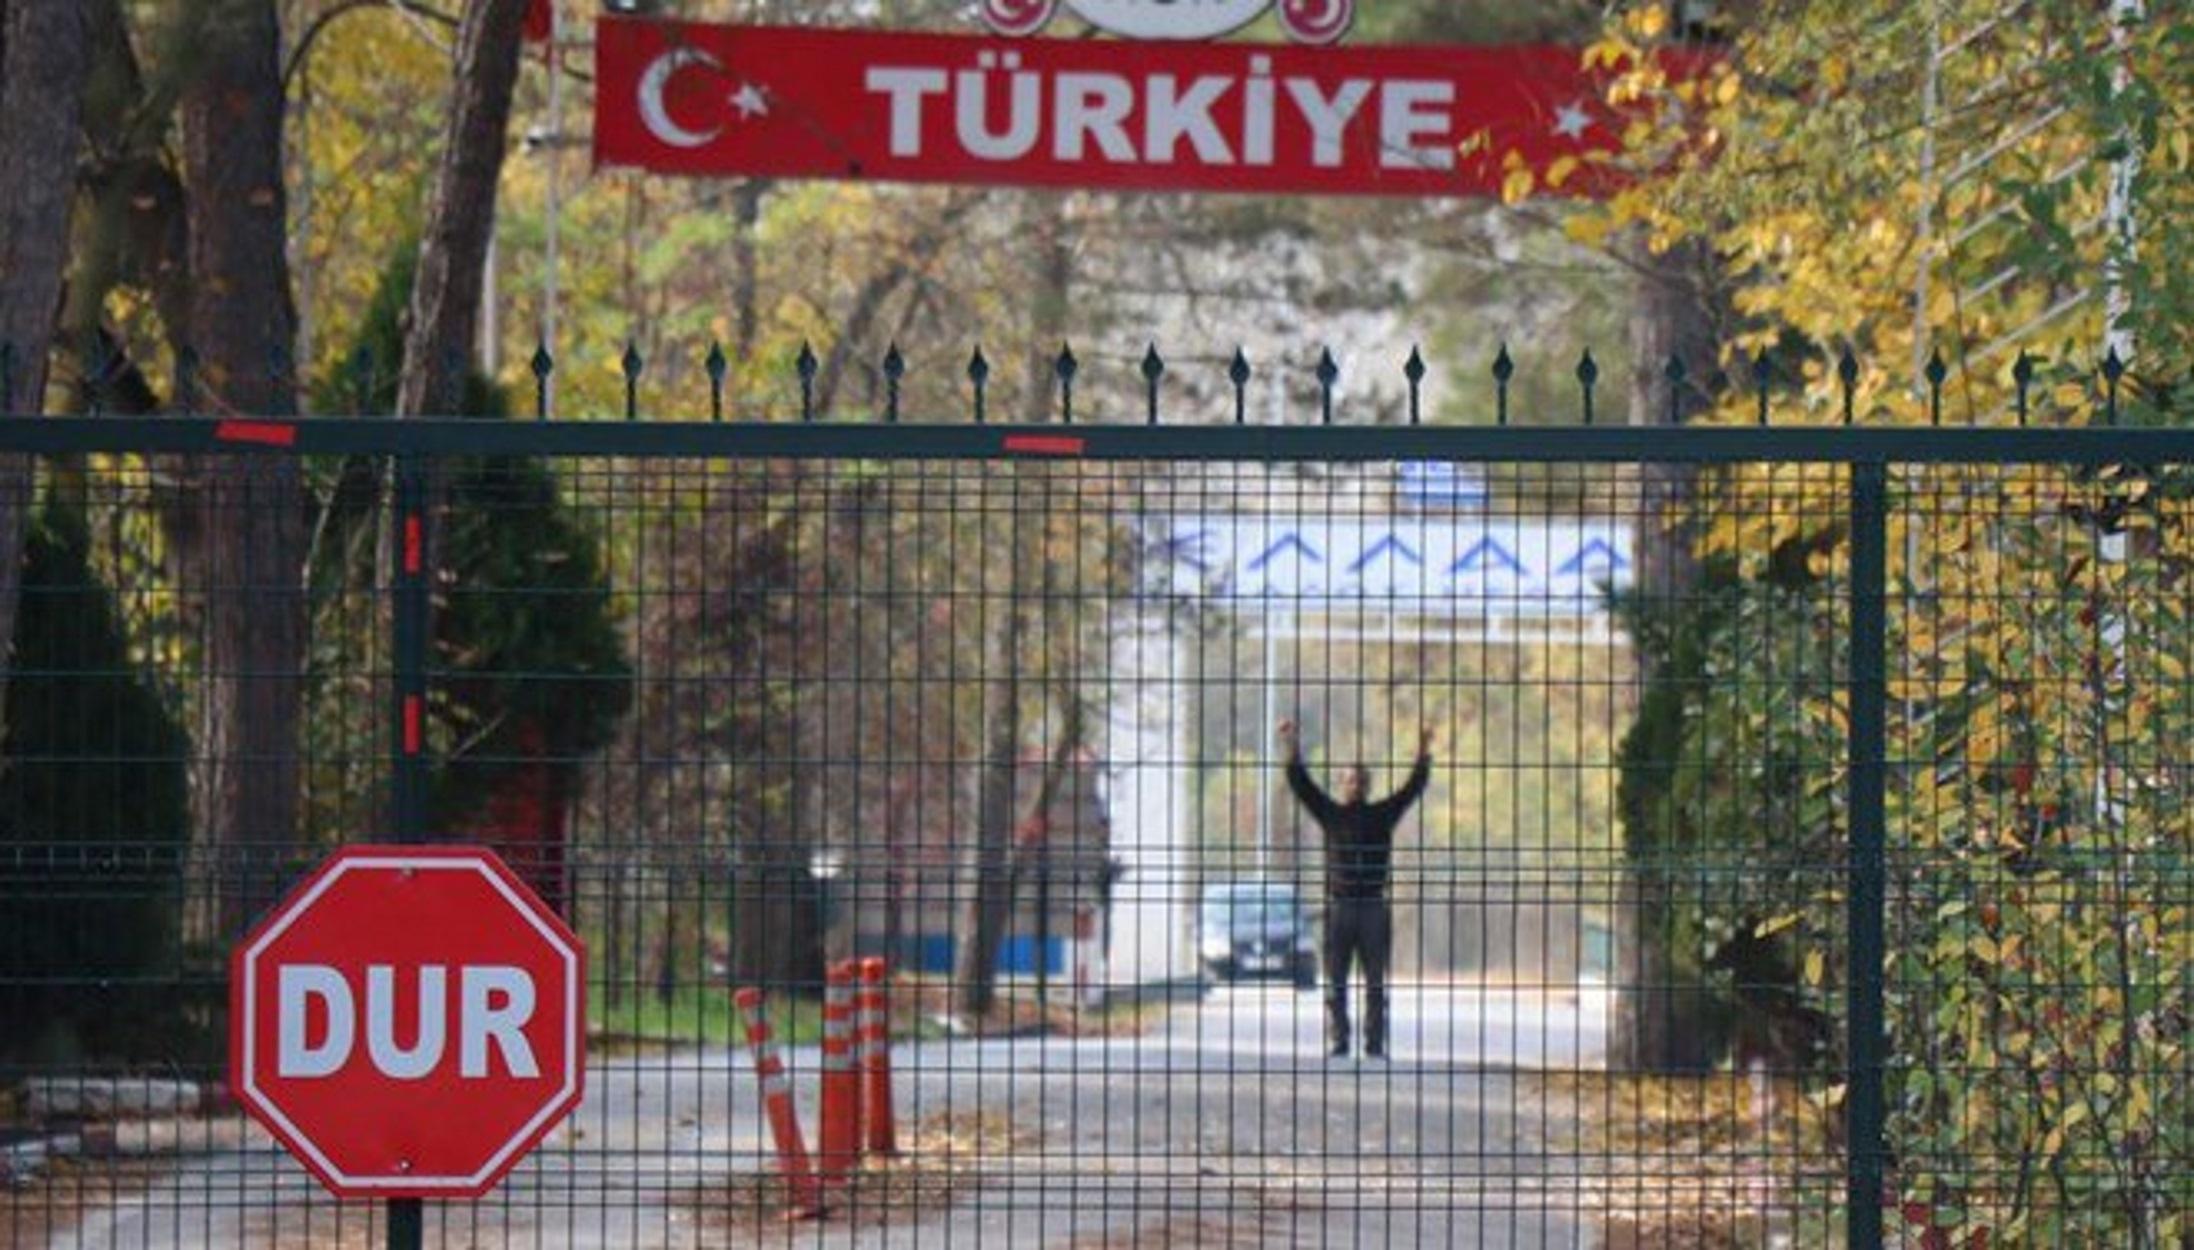 Μαρτυρίες από τον Έβρο: Οι τουρκικές αρχές μας έφεραν εδώ [videos]